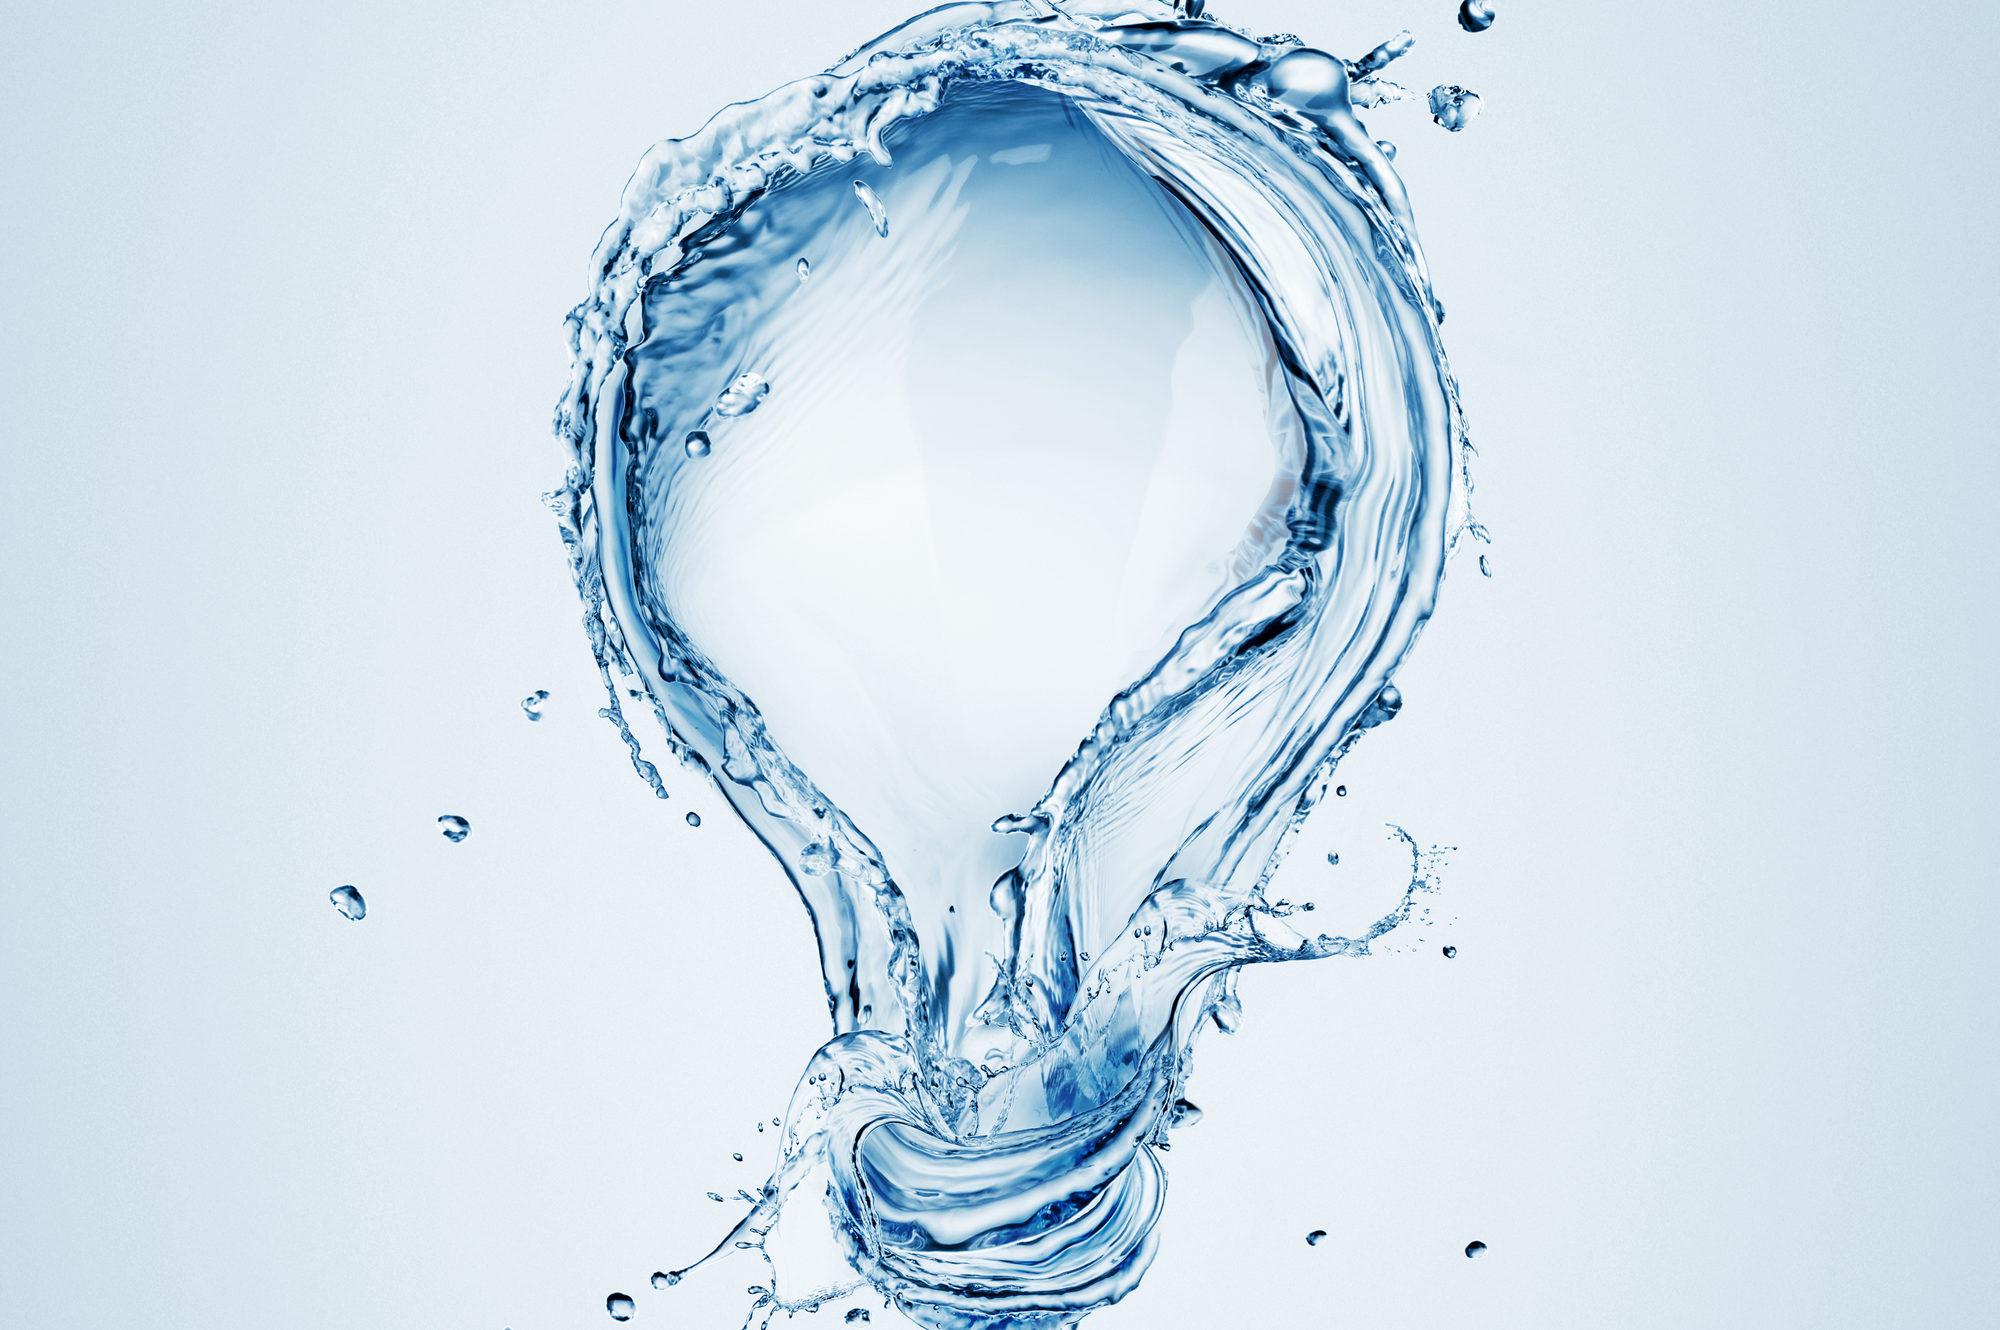 gestione sostenibile dell'acqua